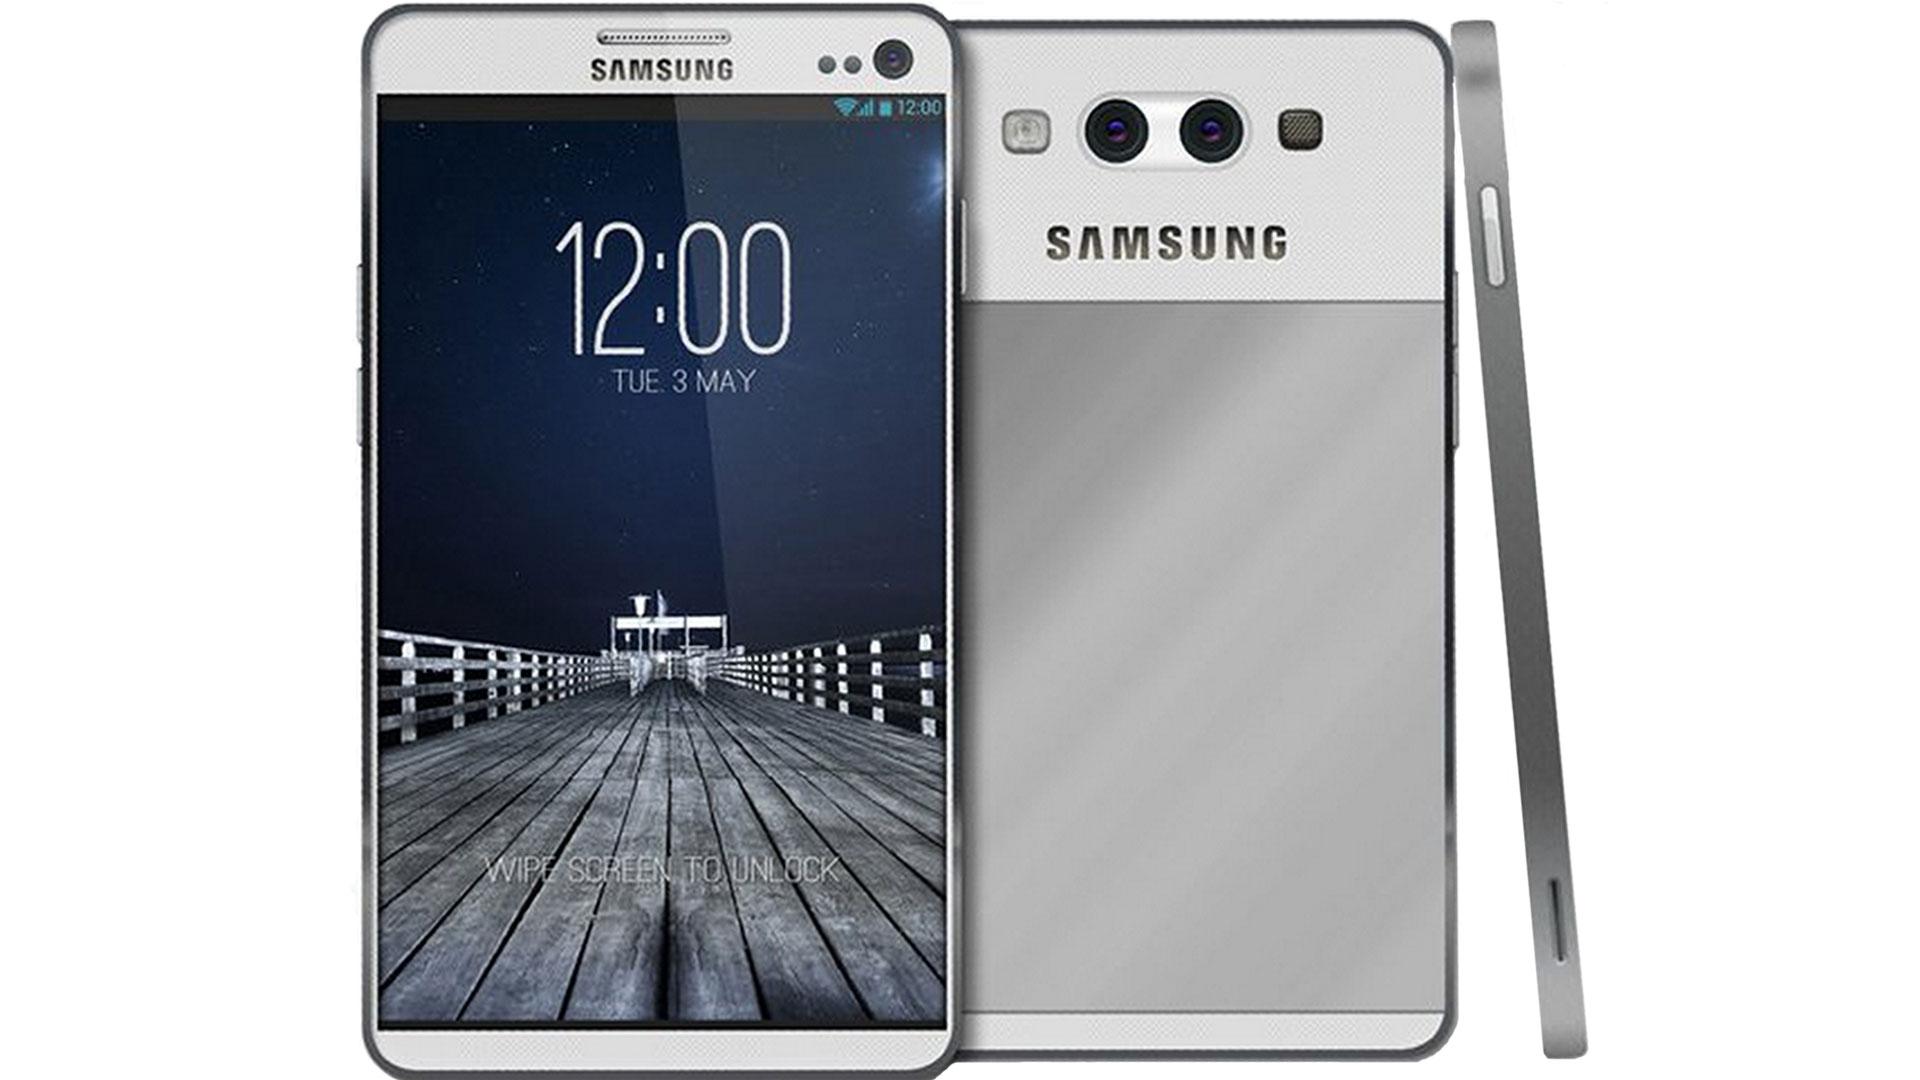 Daftar Harga Samsung Galaxy Terbaru, Terbaik, Terupdate 2014